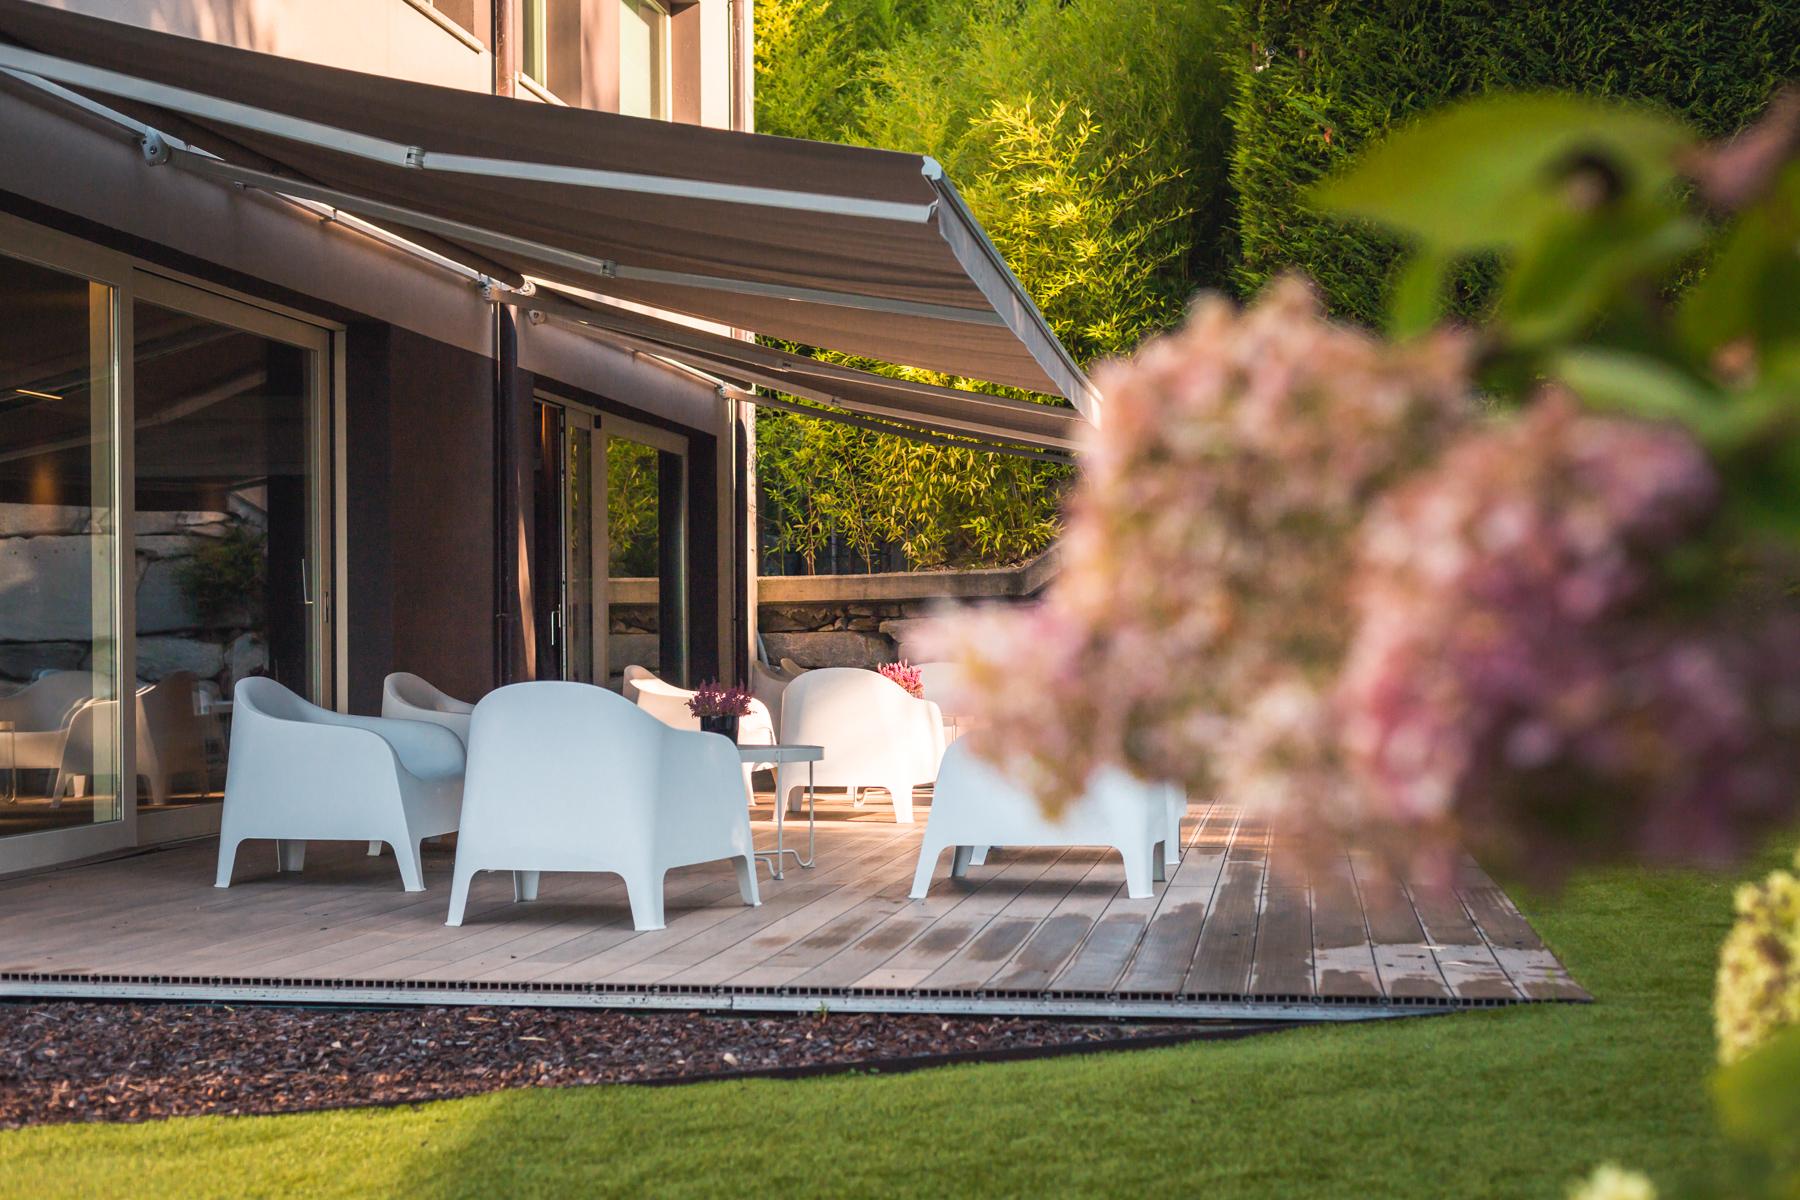 Kimyo exclusive house and spa lago maggiore Verbania